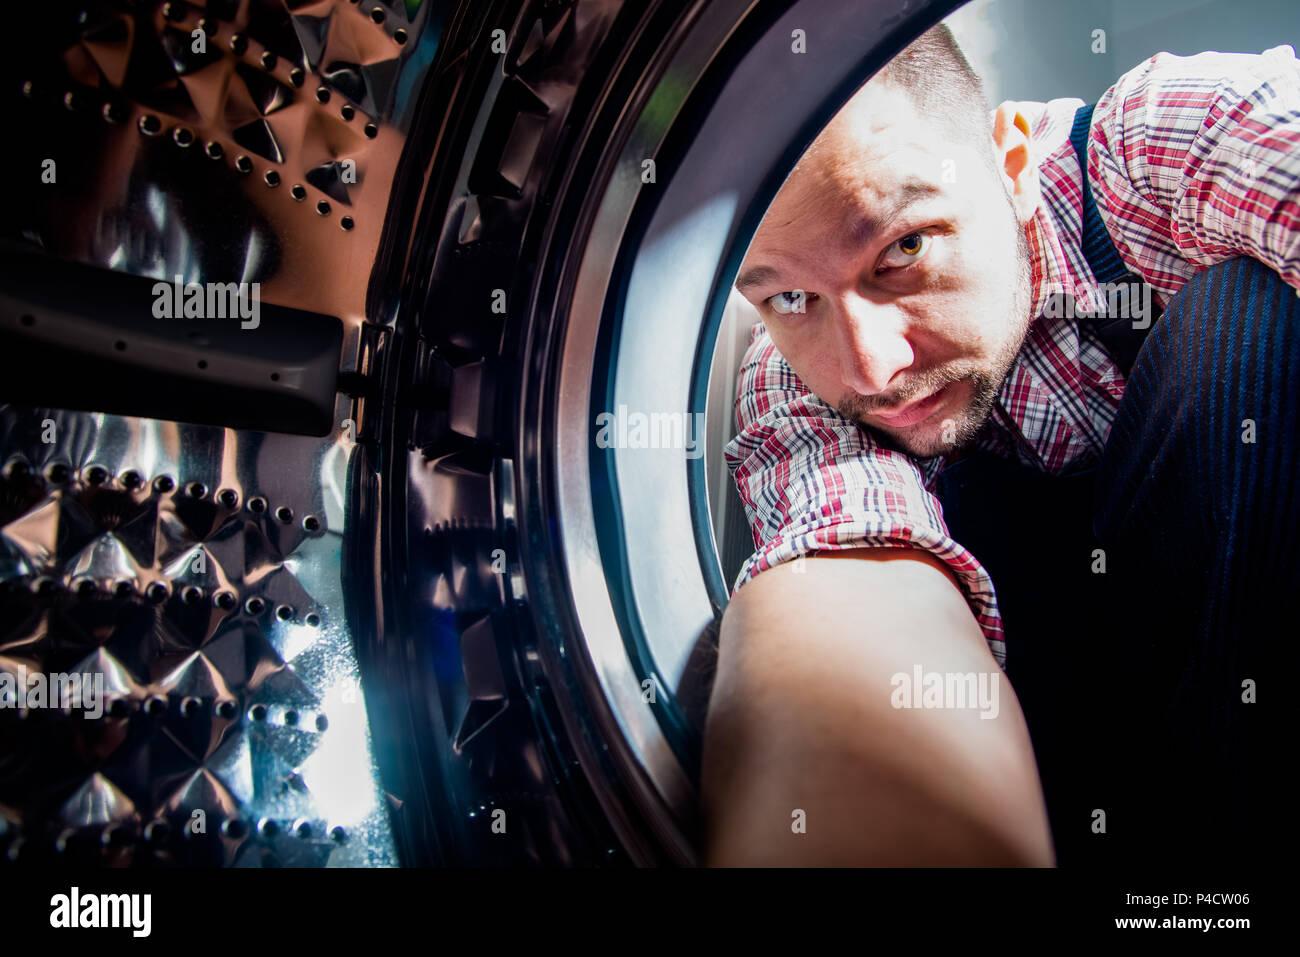 Reparatur der Mensch zur Festsetzung der Waschmaschine im Badezimmer, Blick von der Innenseite der Maschine Stockbild